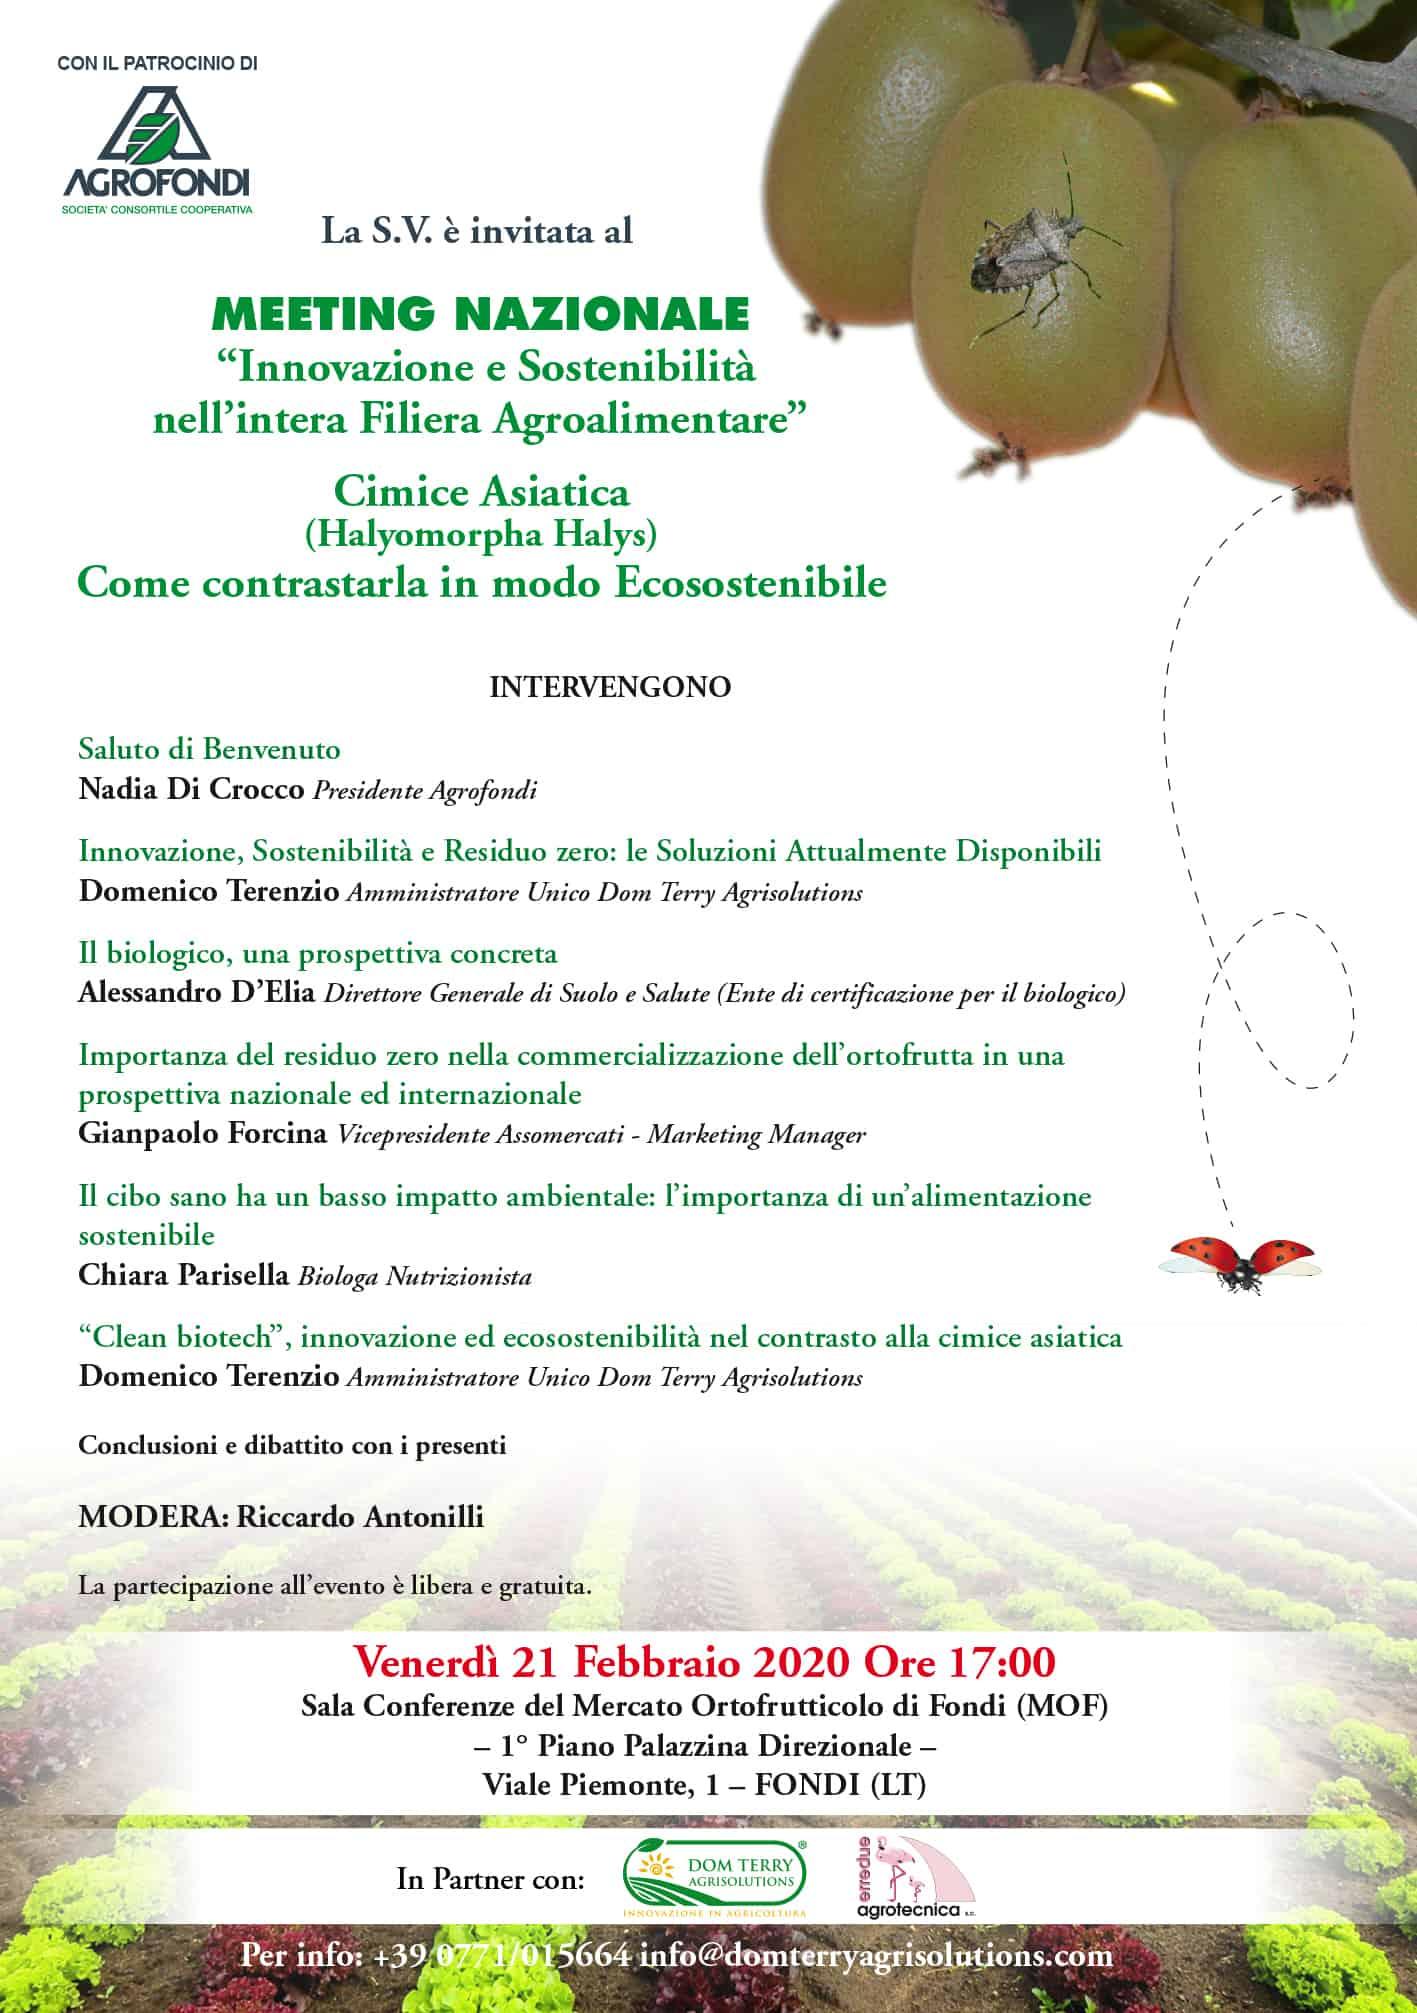 meeting nazionale innovazione e sostenibilità nell'intera filiera agroalimentare